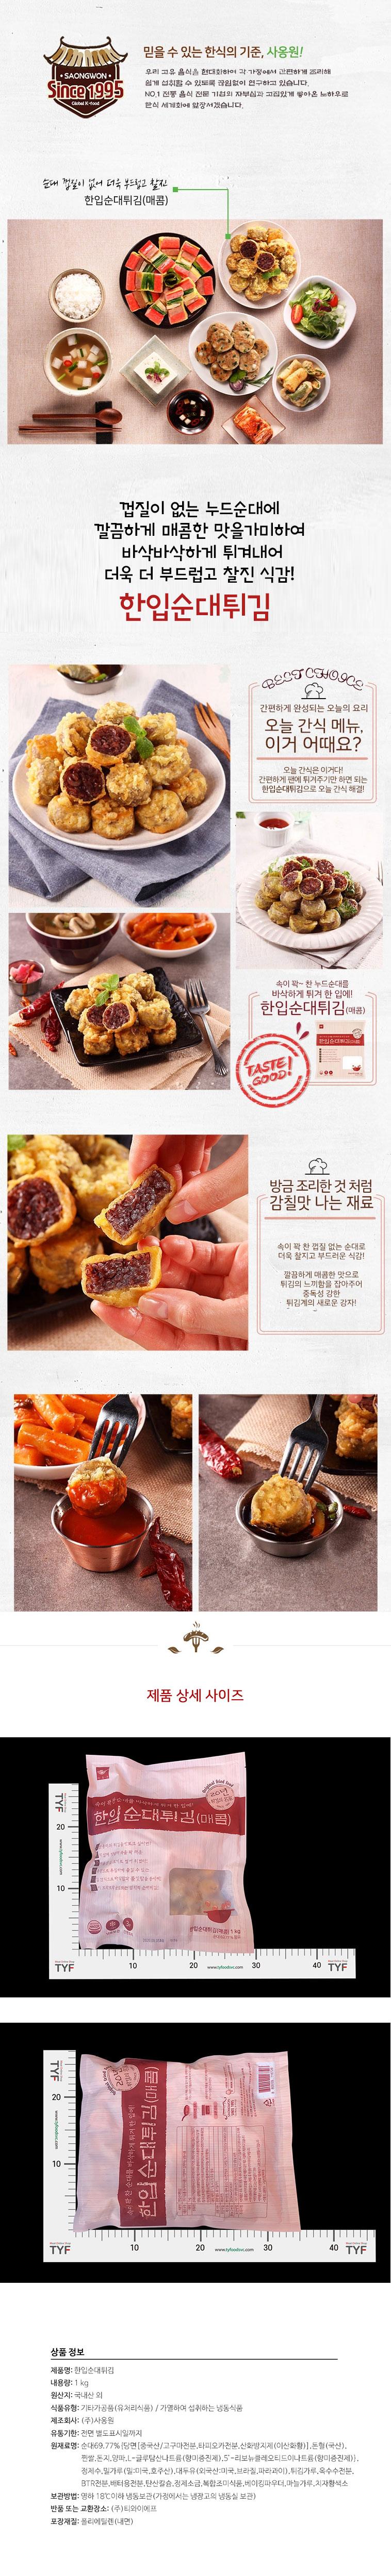 saongwon_sundae.jpg